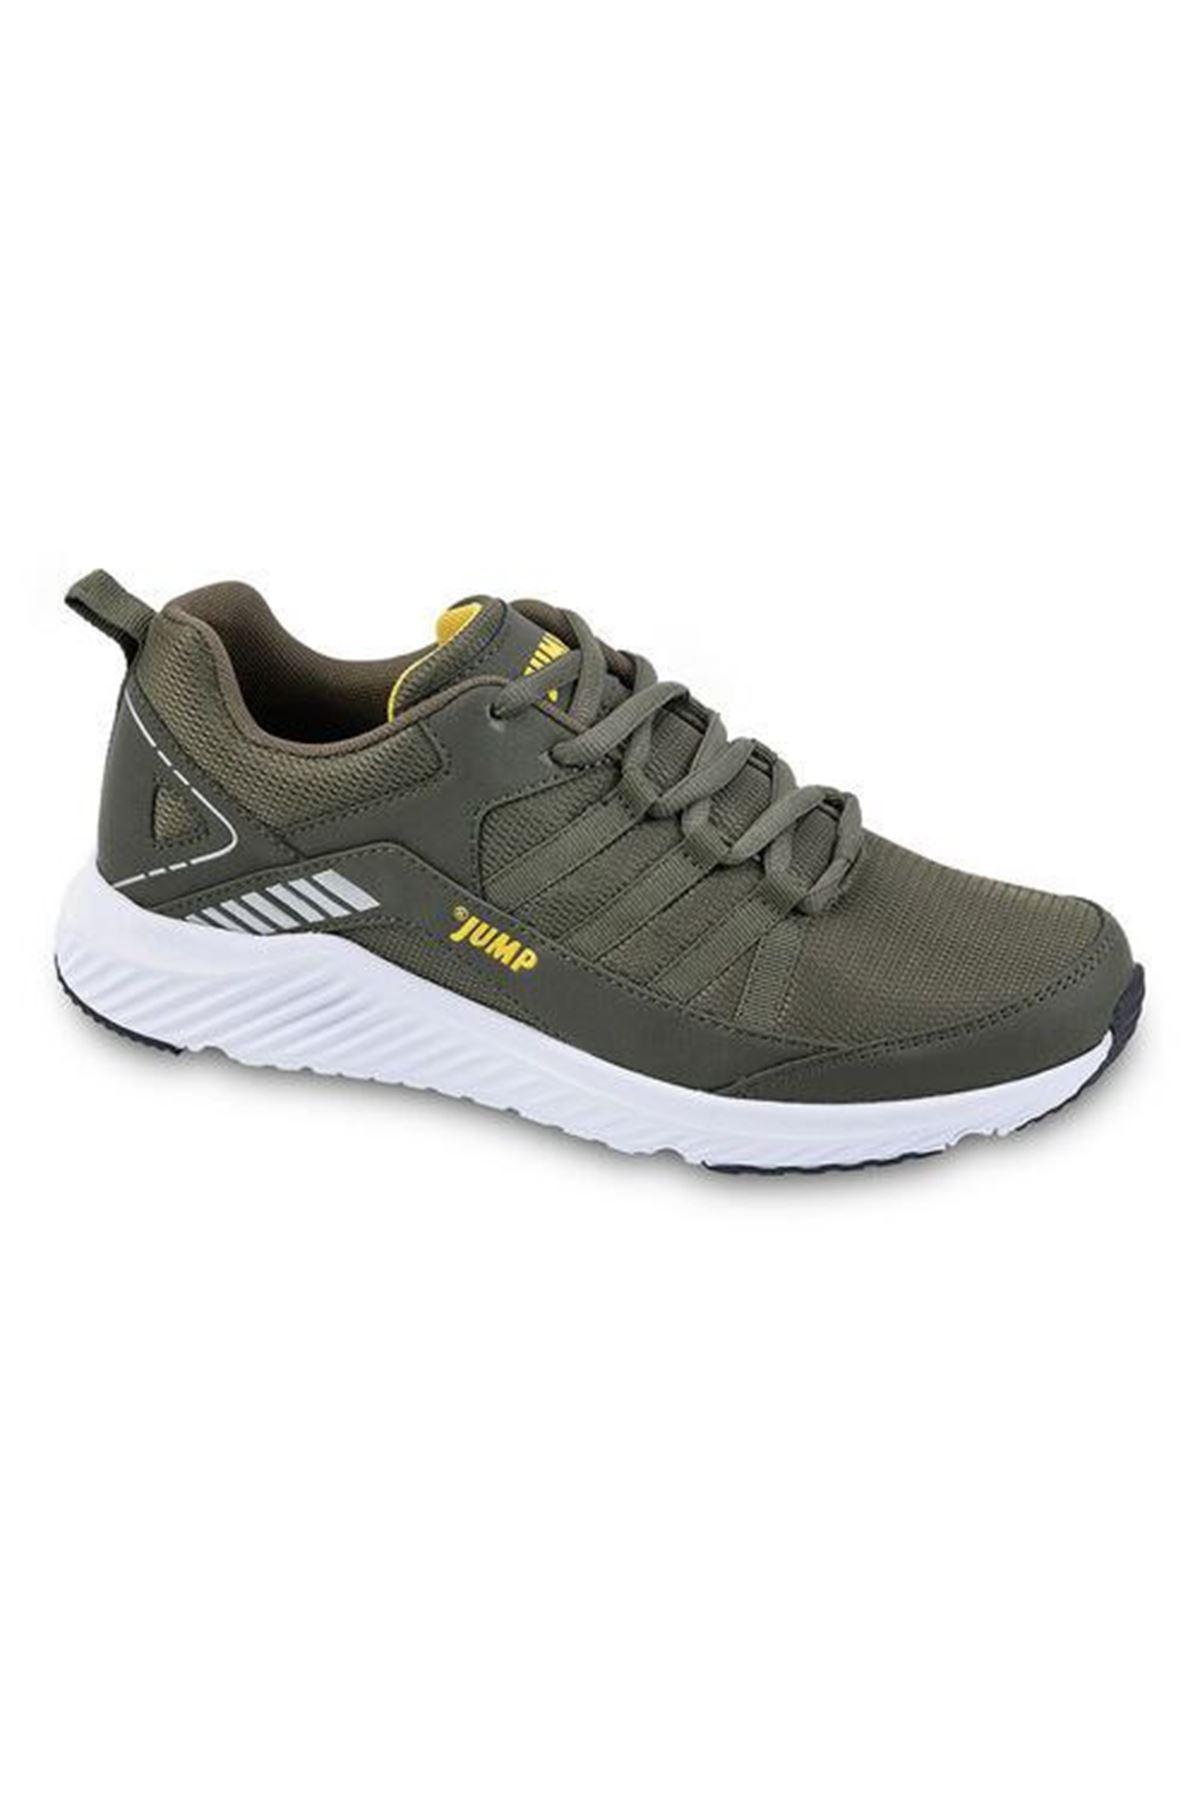 Haki Erkek Spor Ayakkabı Fileli Rahat 24865